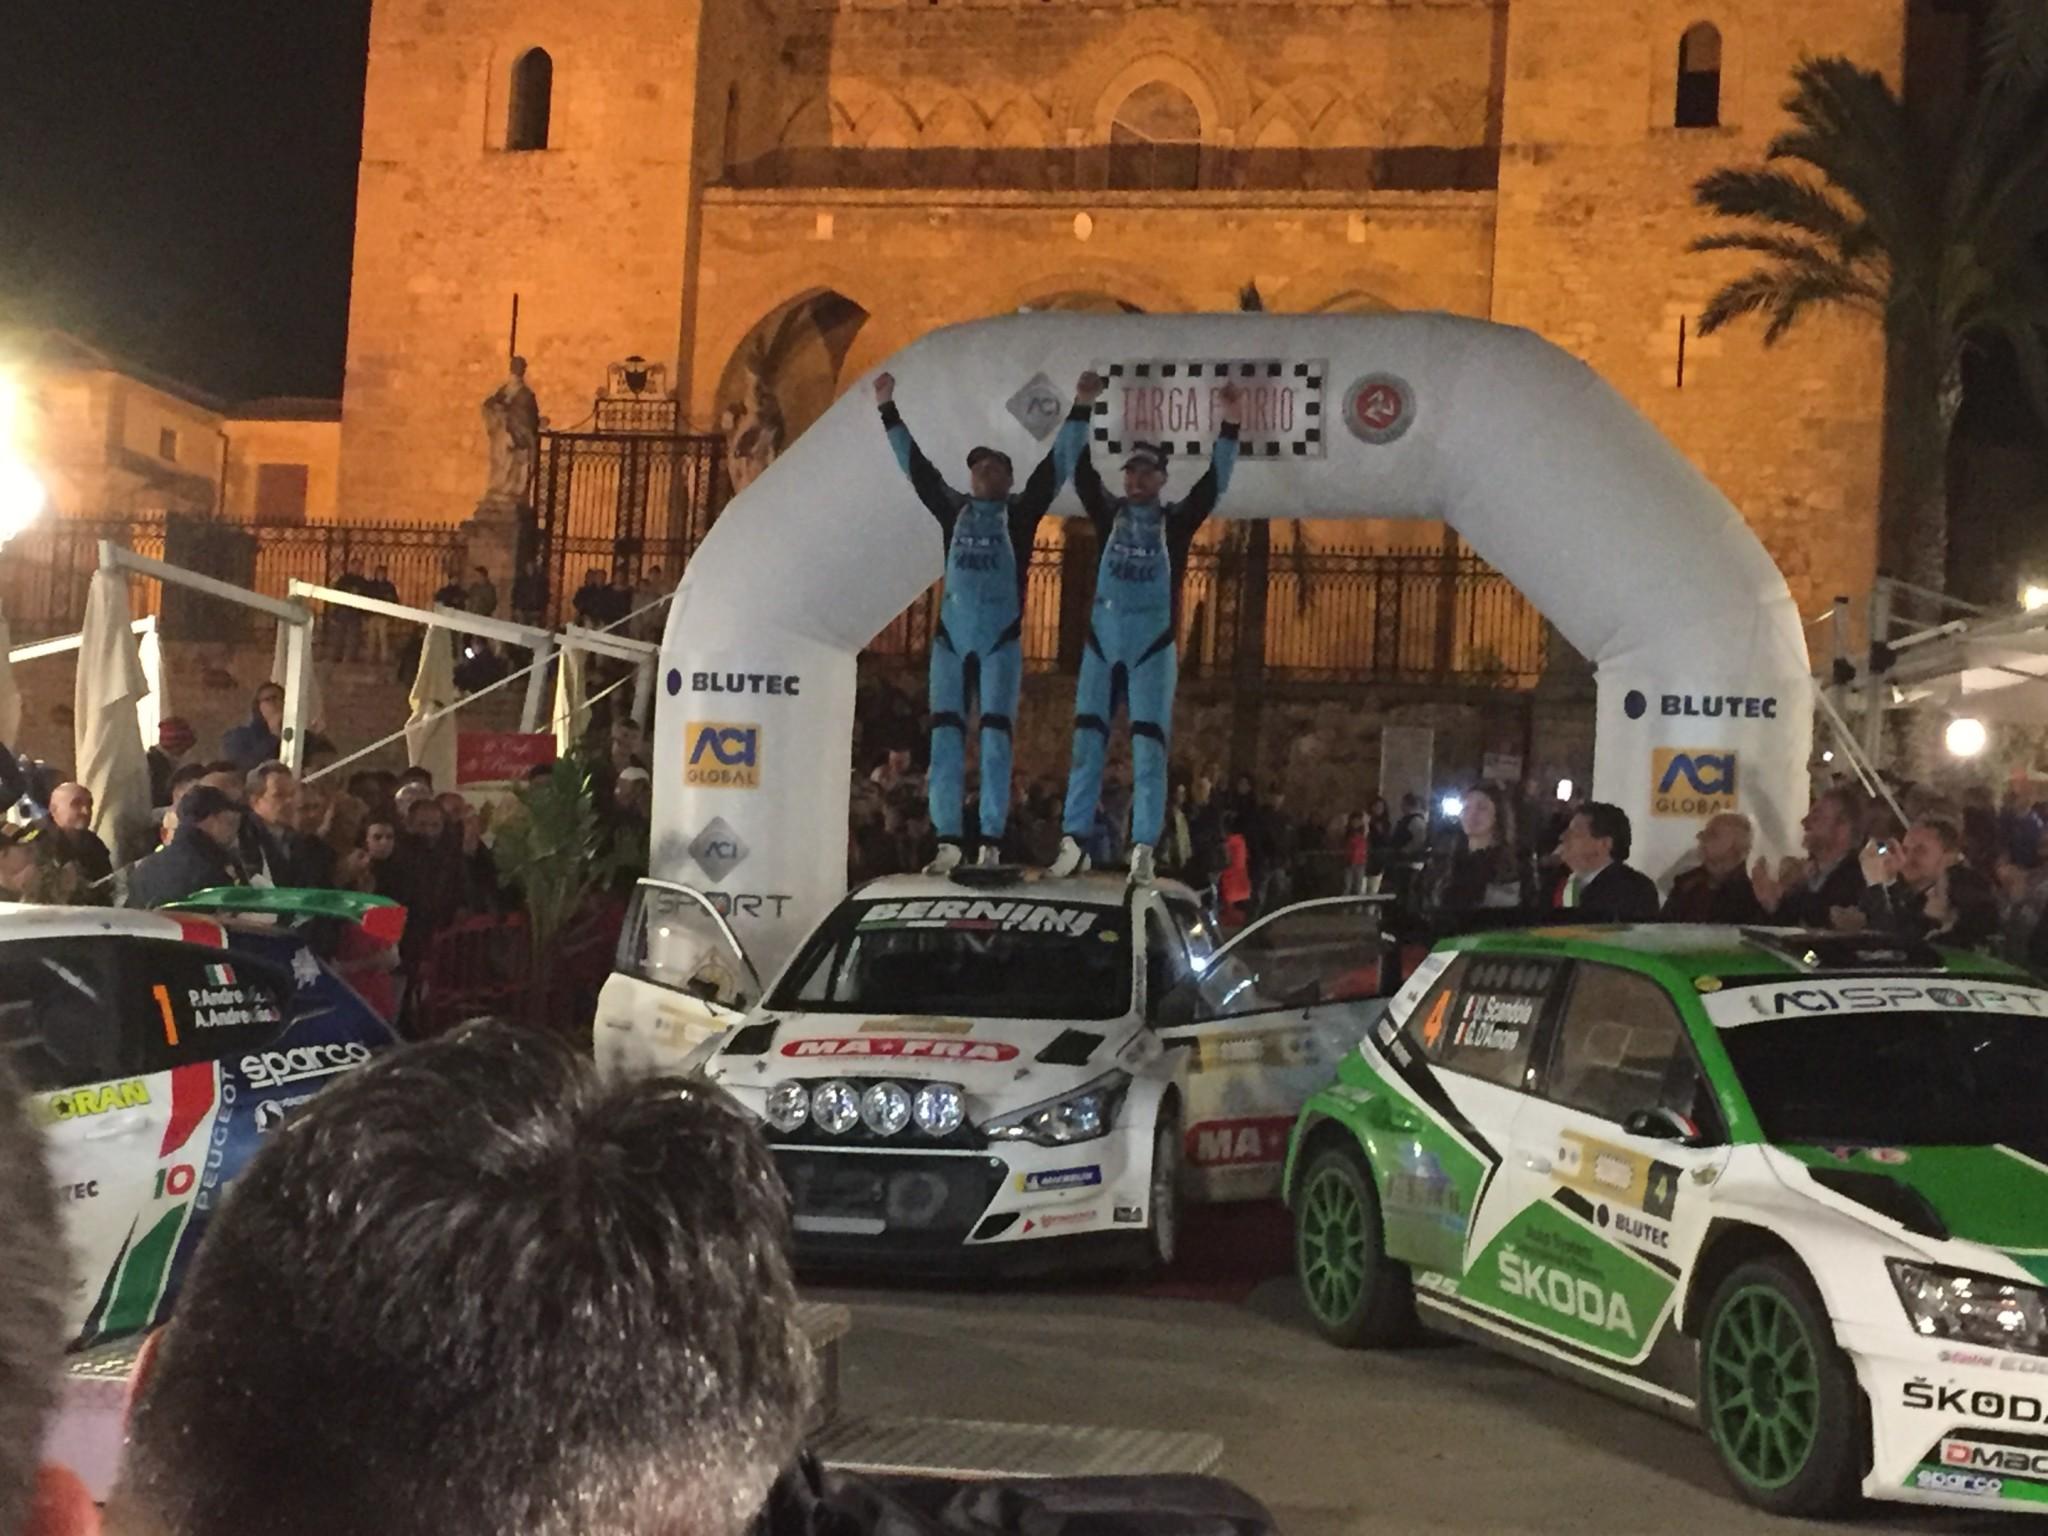 Domani scatta la Targa Florio: 131 equipaggi in gara sulle Madonie